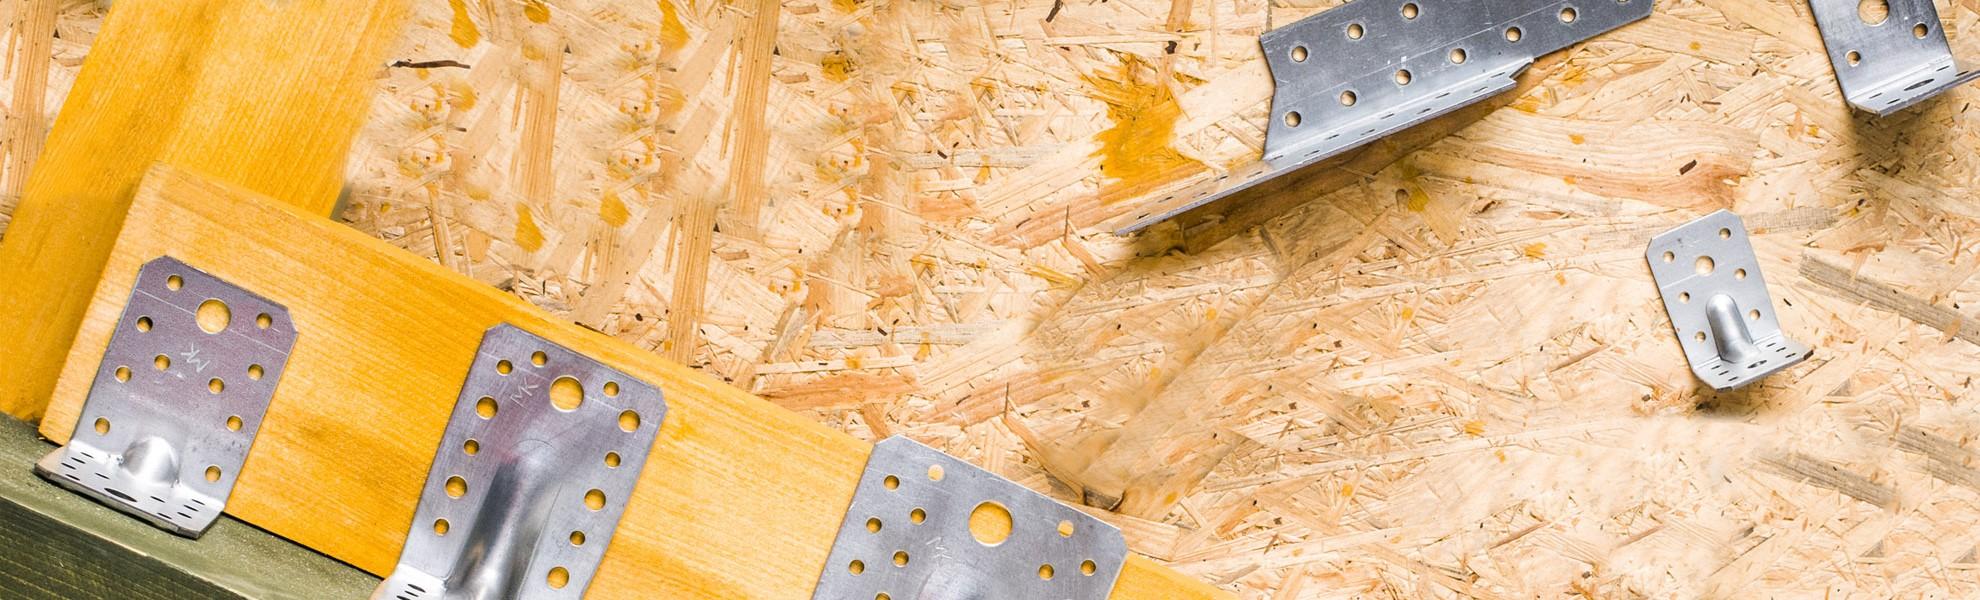 Profesjonalne łączniki do drewna